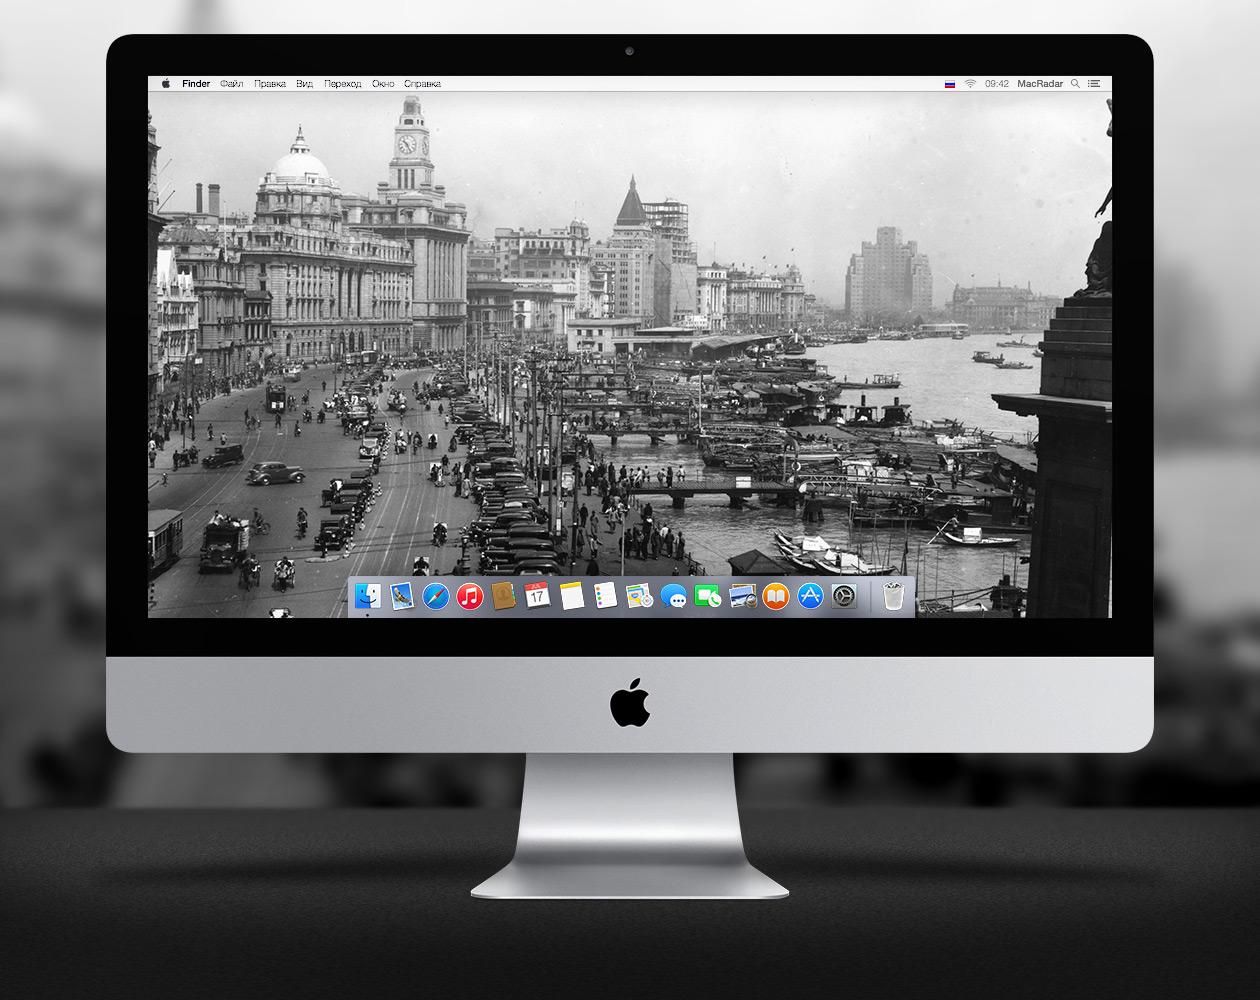 Черно-белые обои для iMac Retina 5K